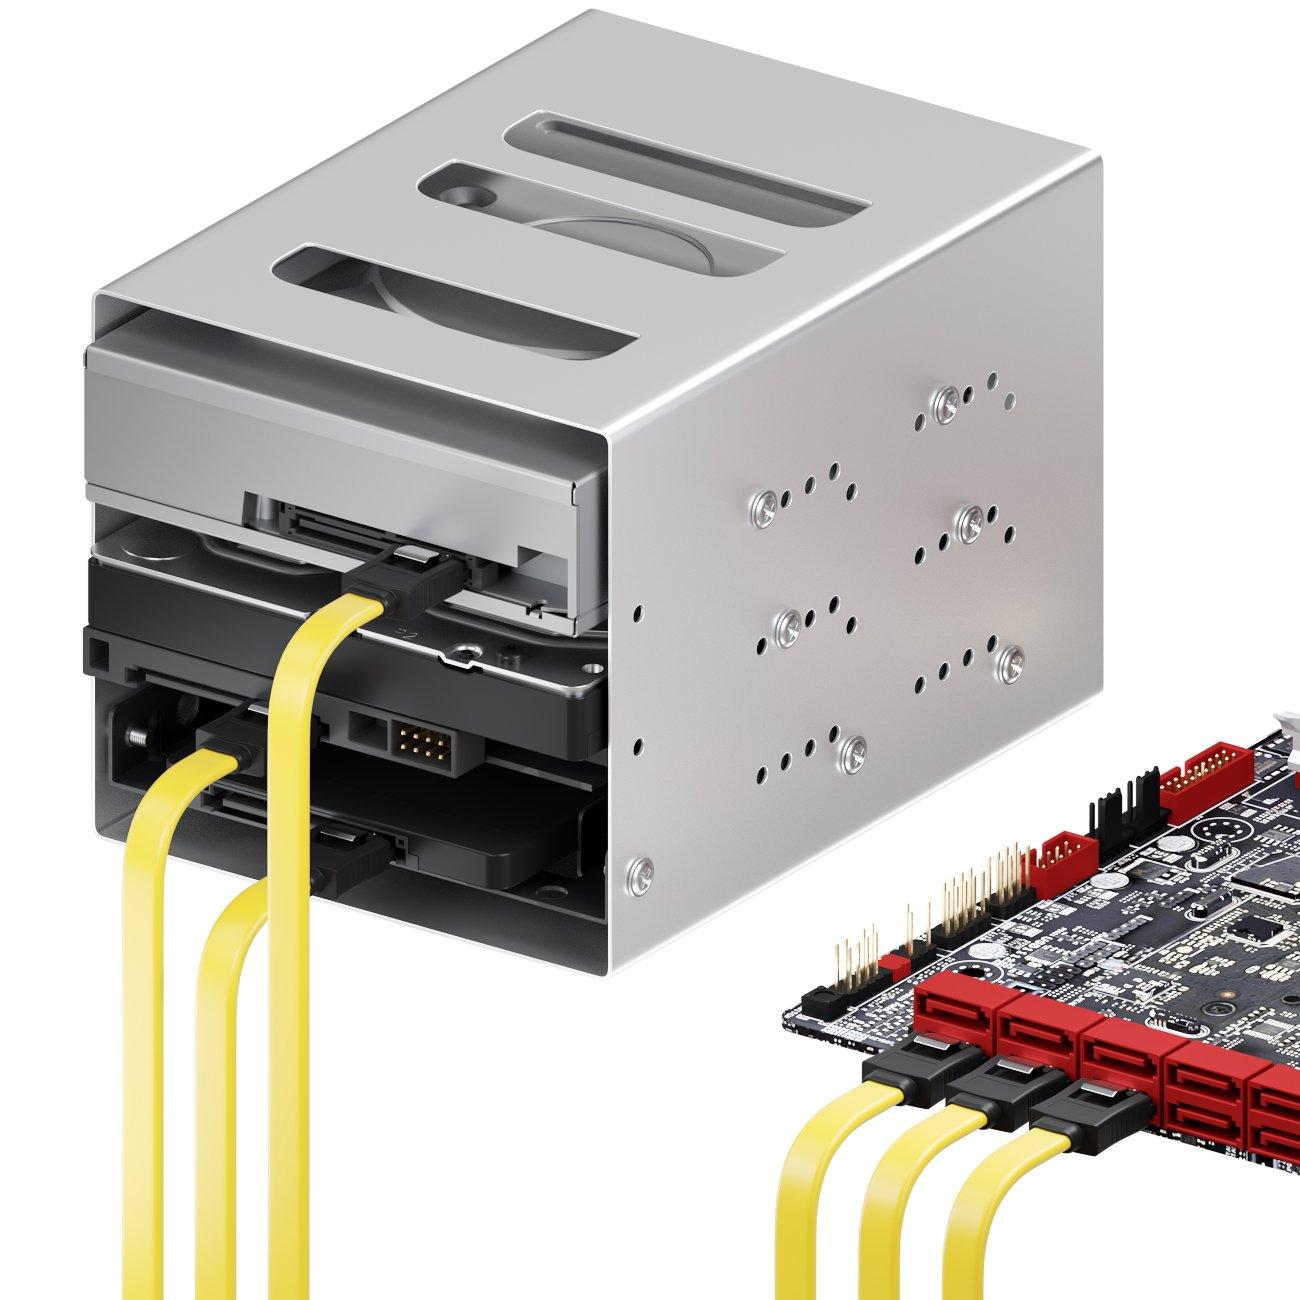 SSD HDD Disque Dur C/âble Adaptateur D/'Alimentation deleyCON MK2944 Lot de c/âbles SATA 4X C/âbles SATA III avec Prises Droites